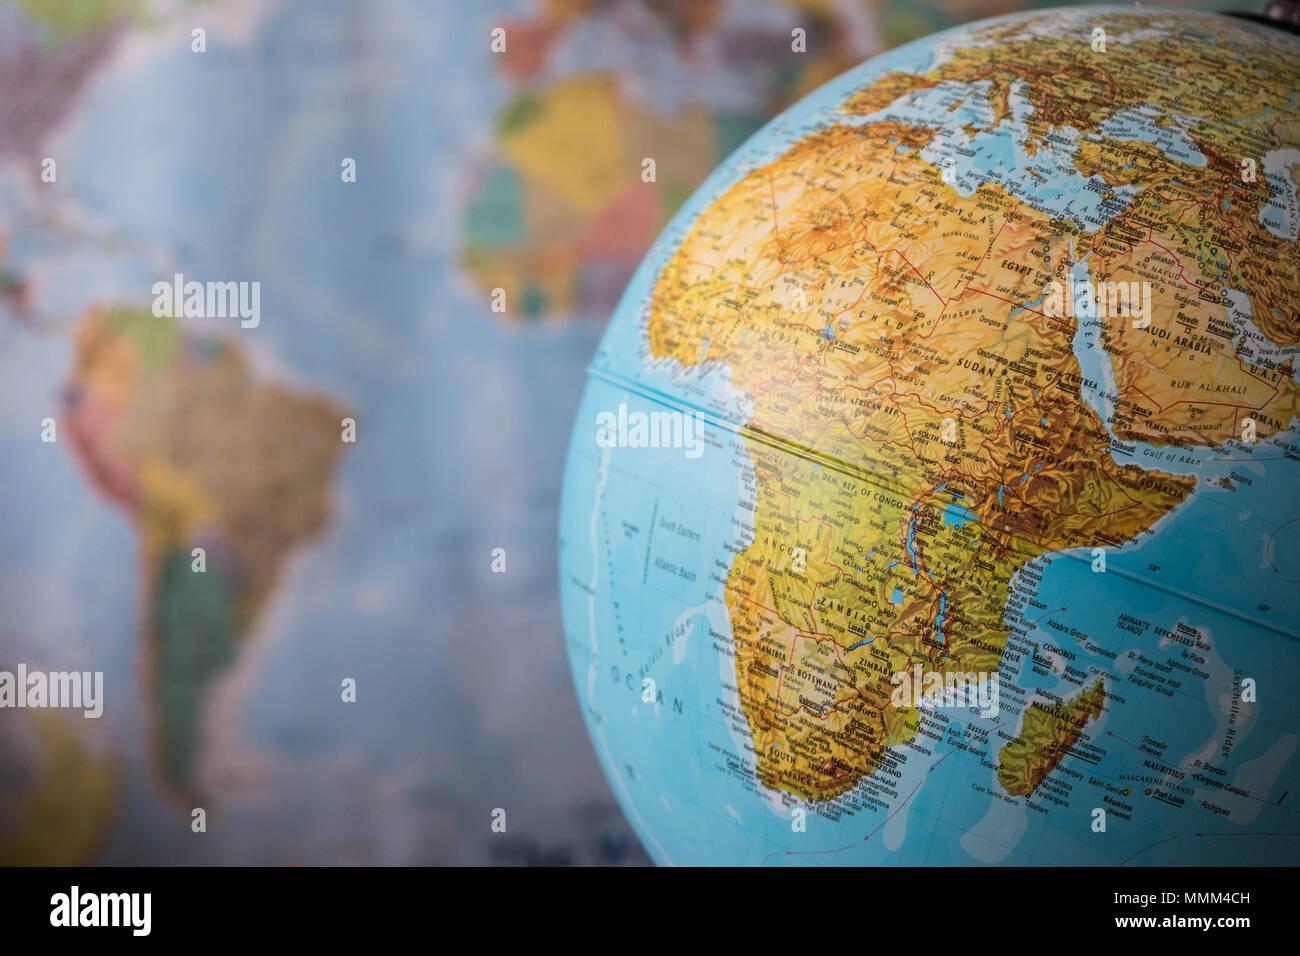 Karte Erde.Afrika Und Naher Osten Karte Auf Einem Globus Mit Erde Karte Im